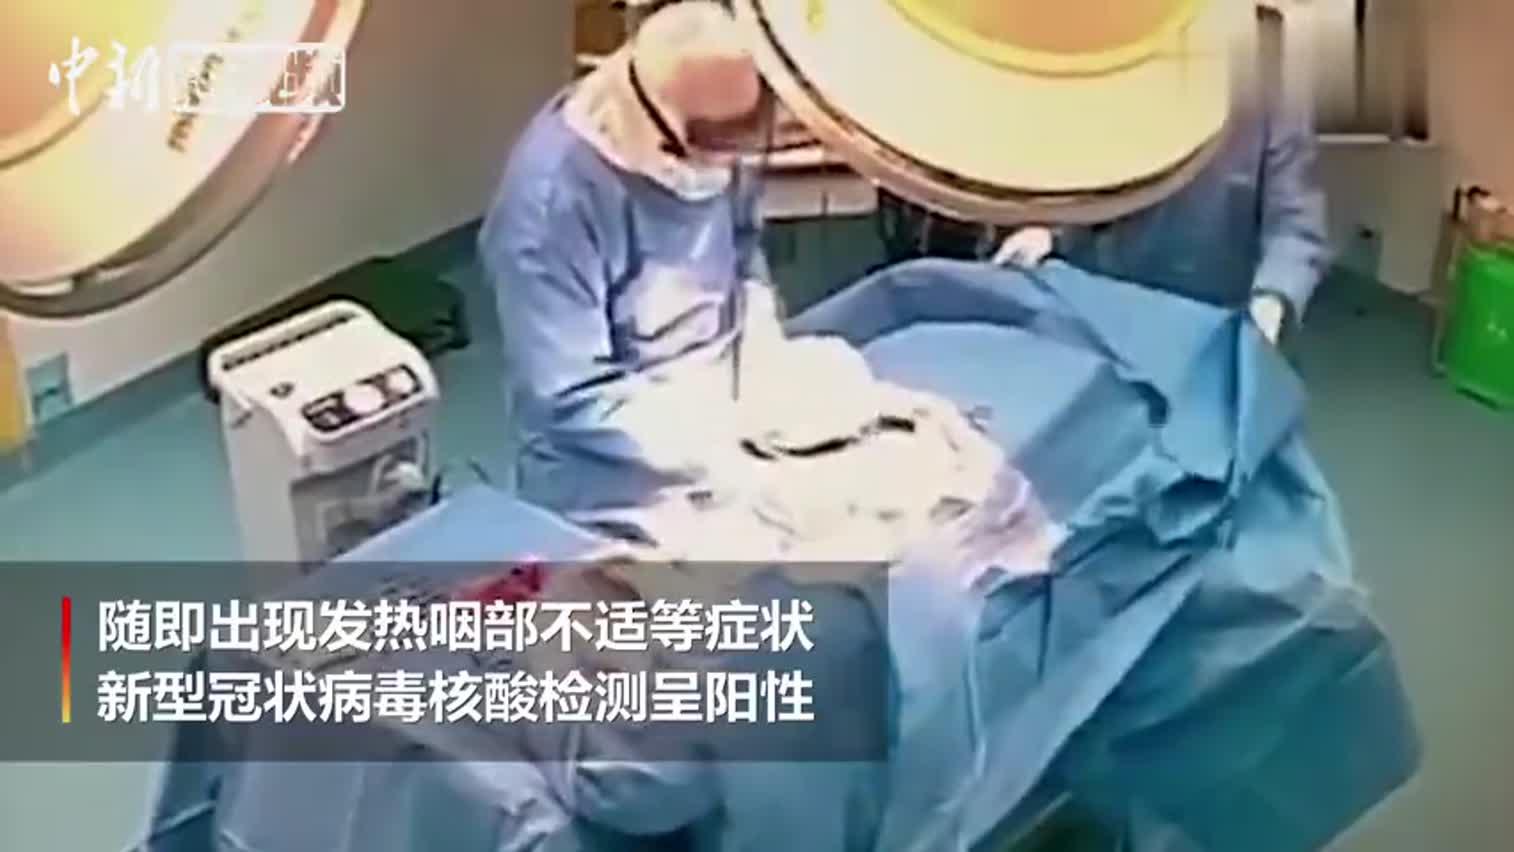 视频-陕西省首例新冠肺炎孕妇成功剖宫产分娩 母婴